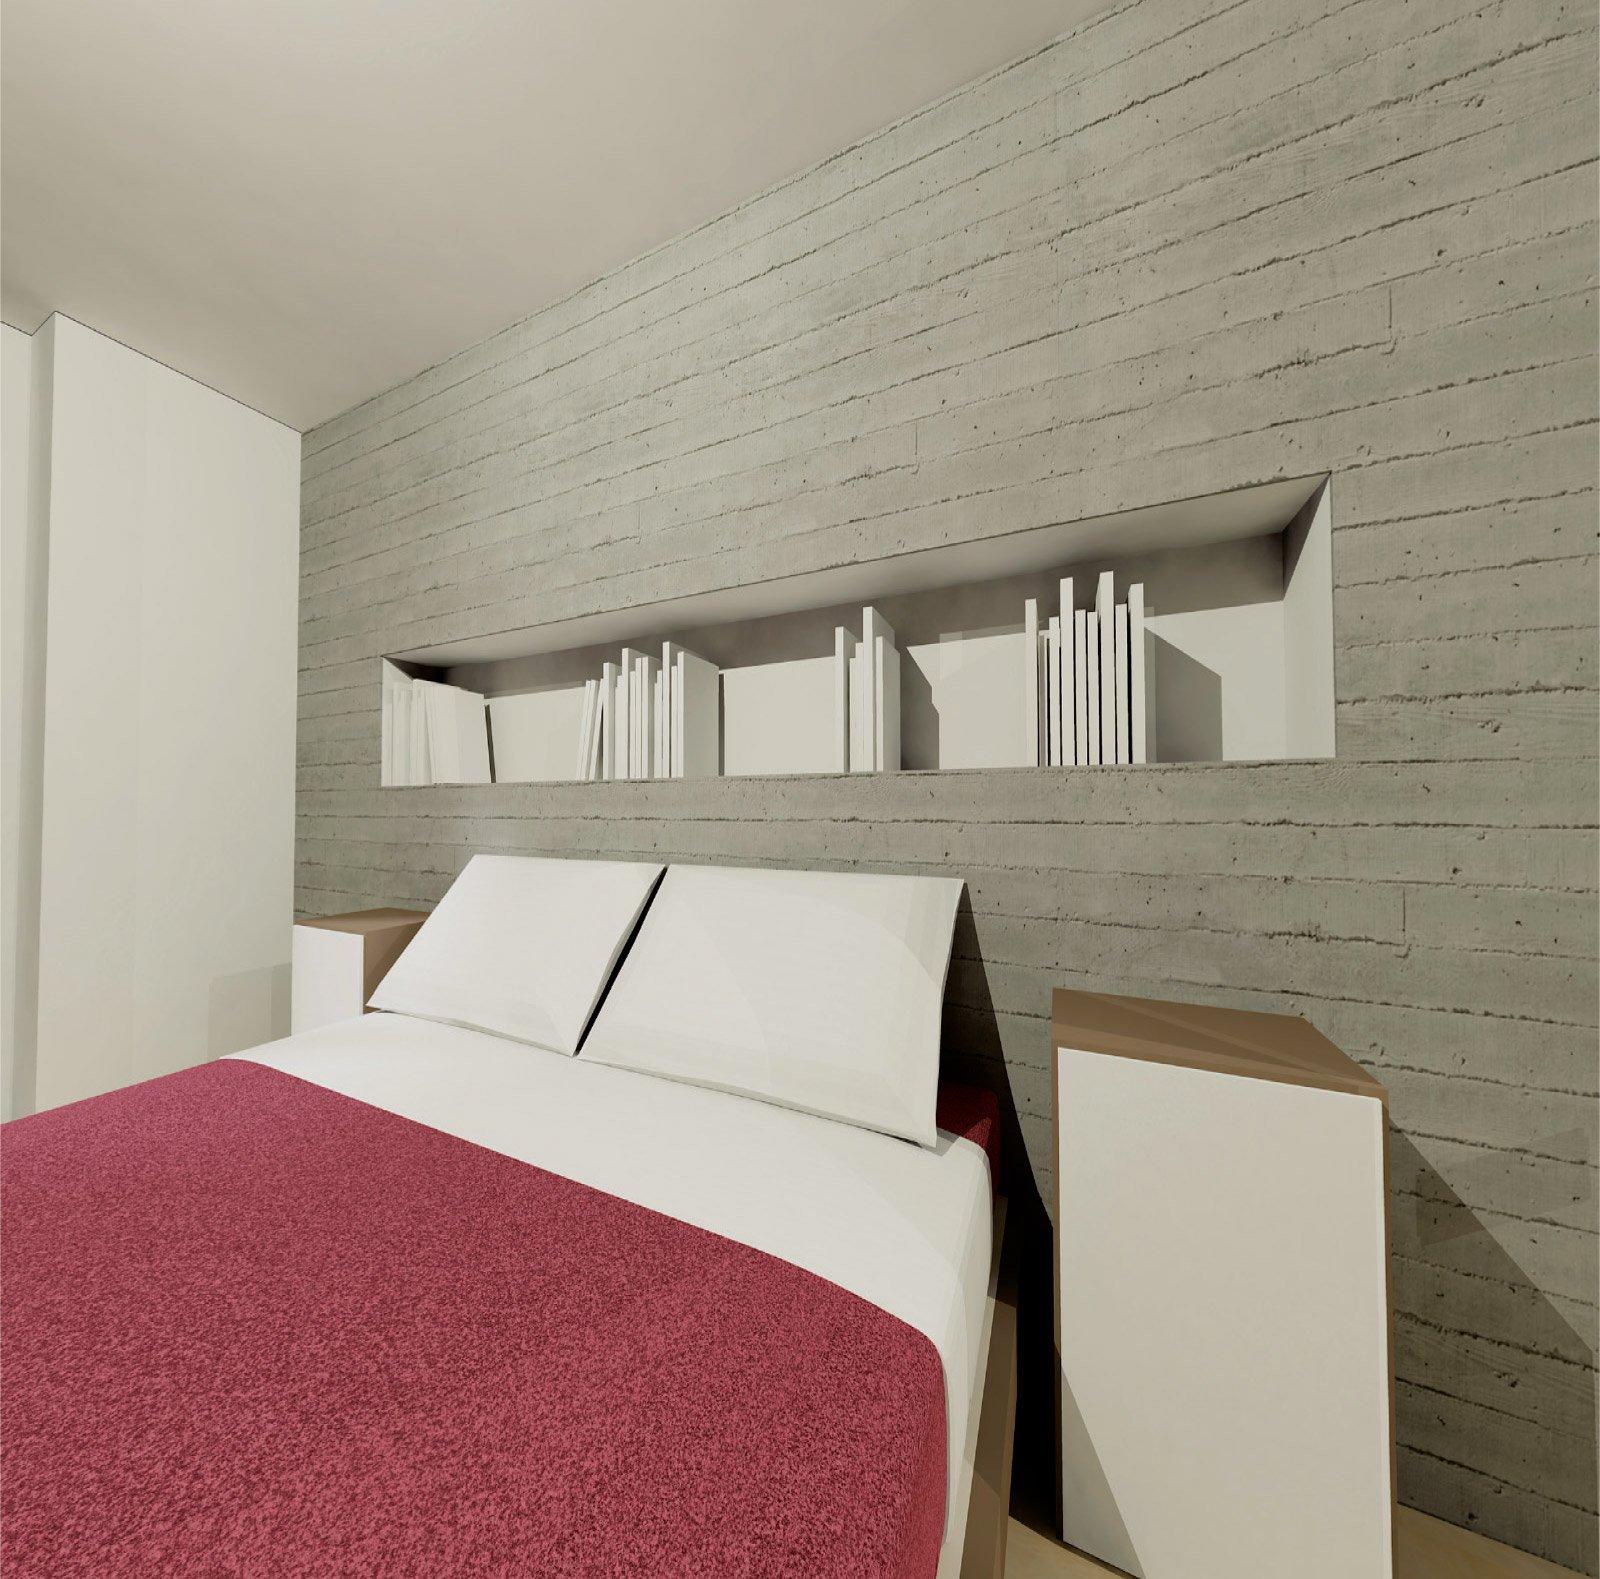 70 mq ma sembrano di pi cose di casa - Camera da letto con parete in cartongesso ...